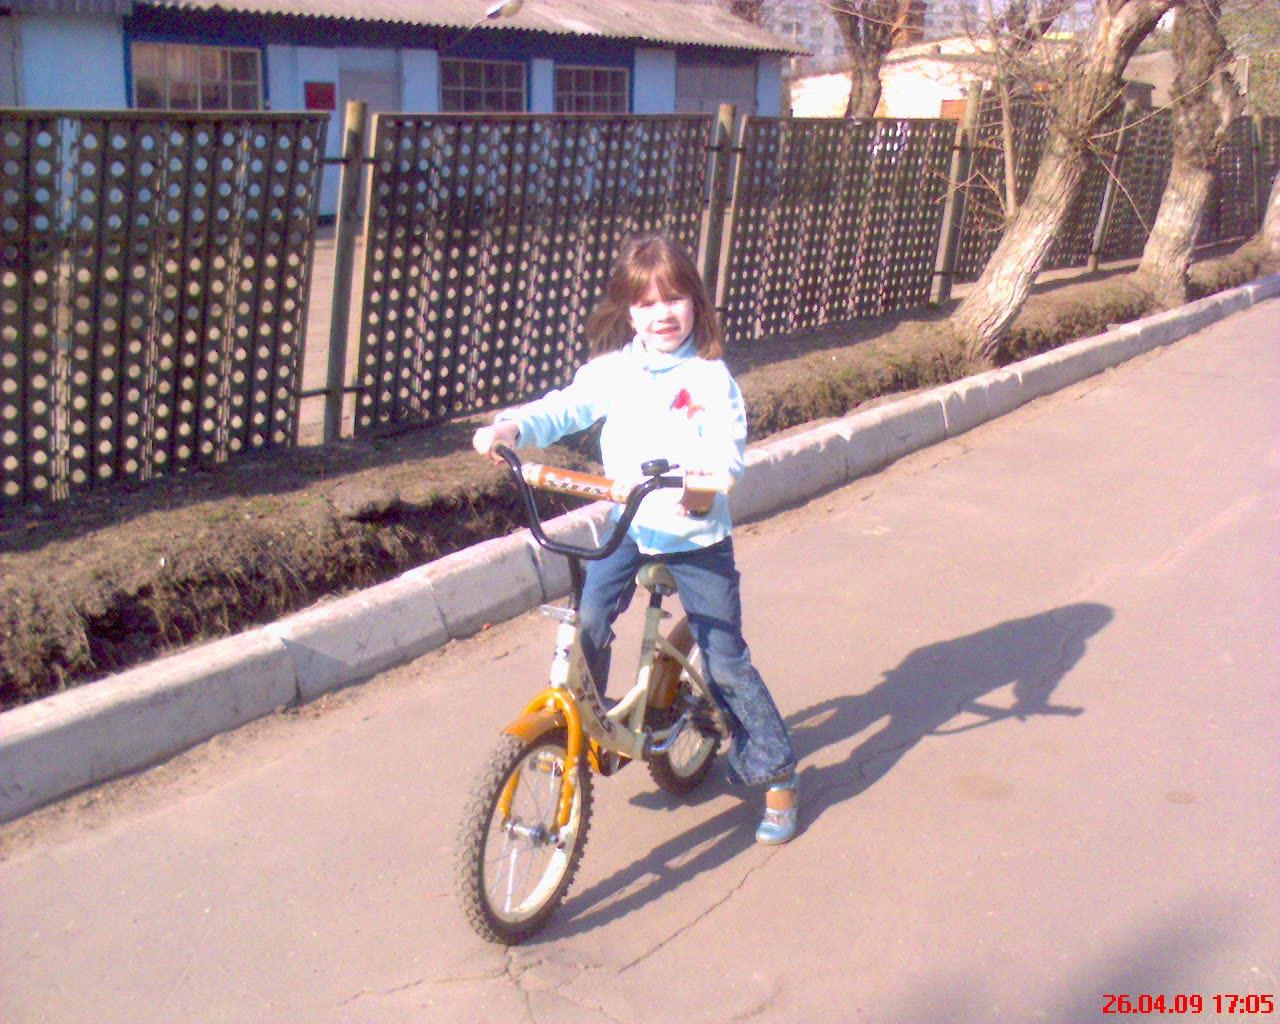 Мой друг велосепед!. Укрощение велосипеда